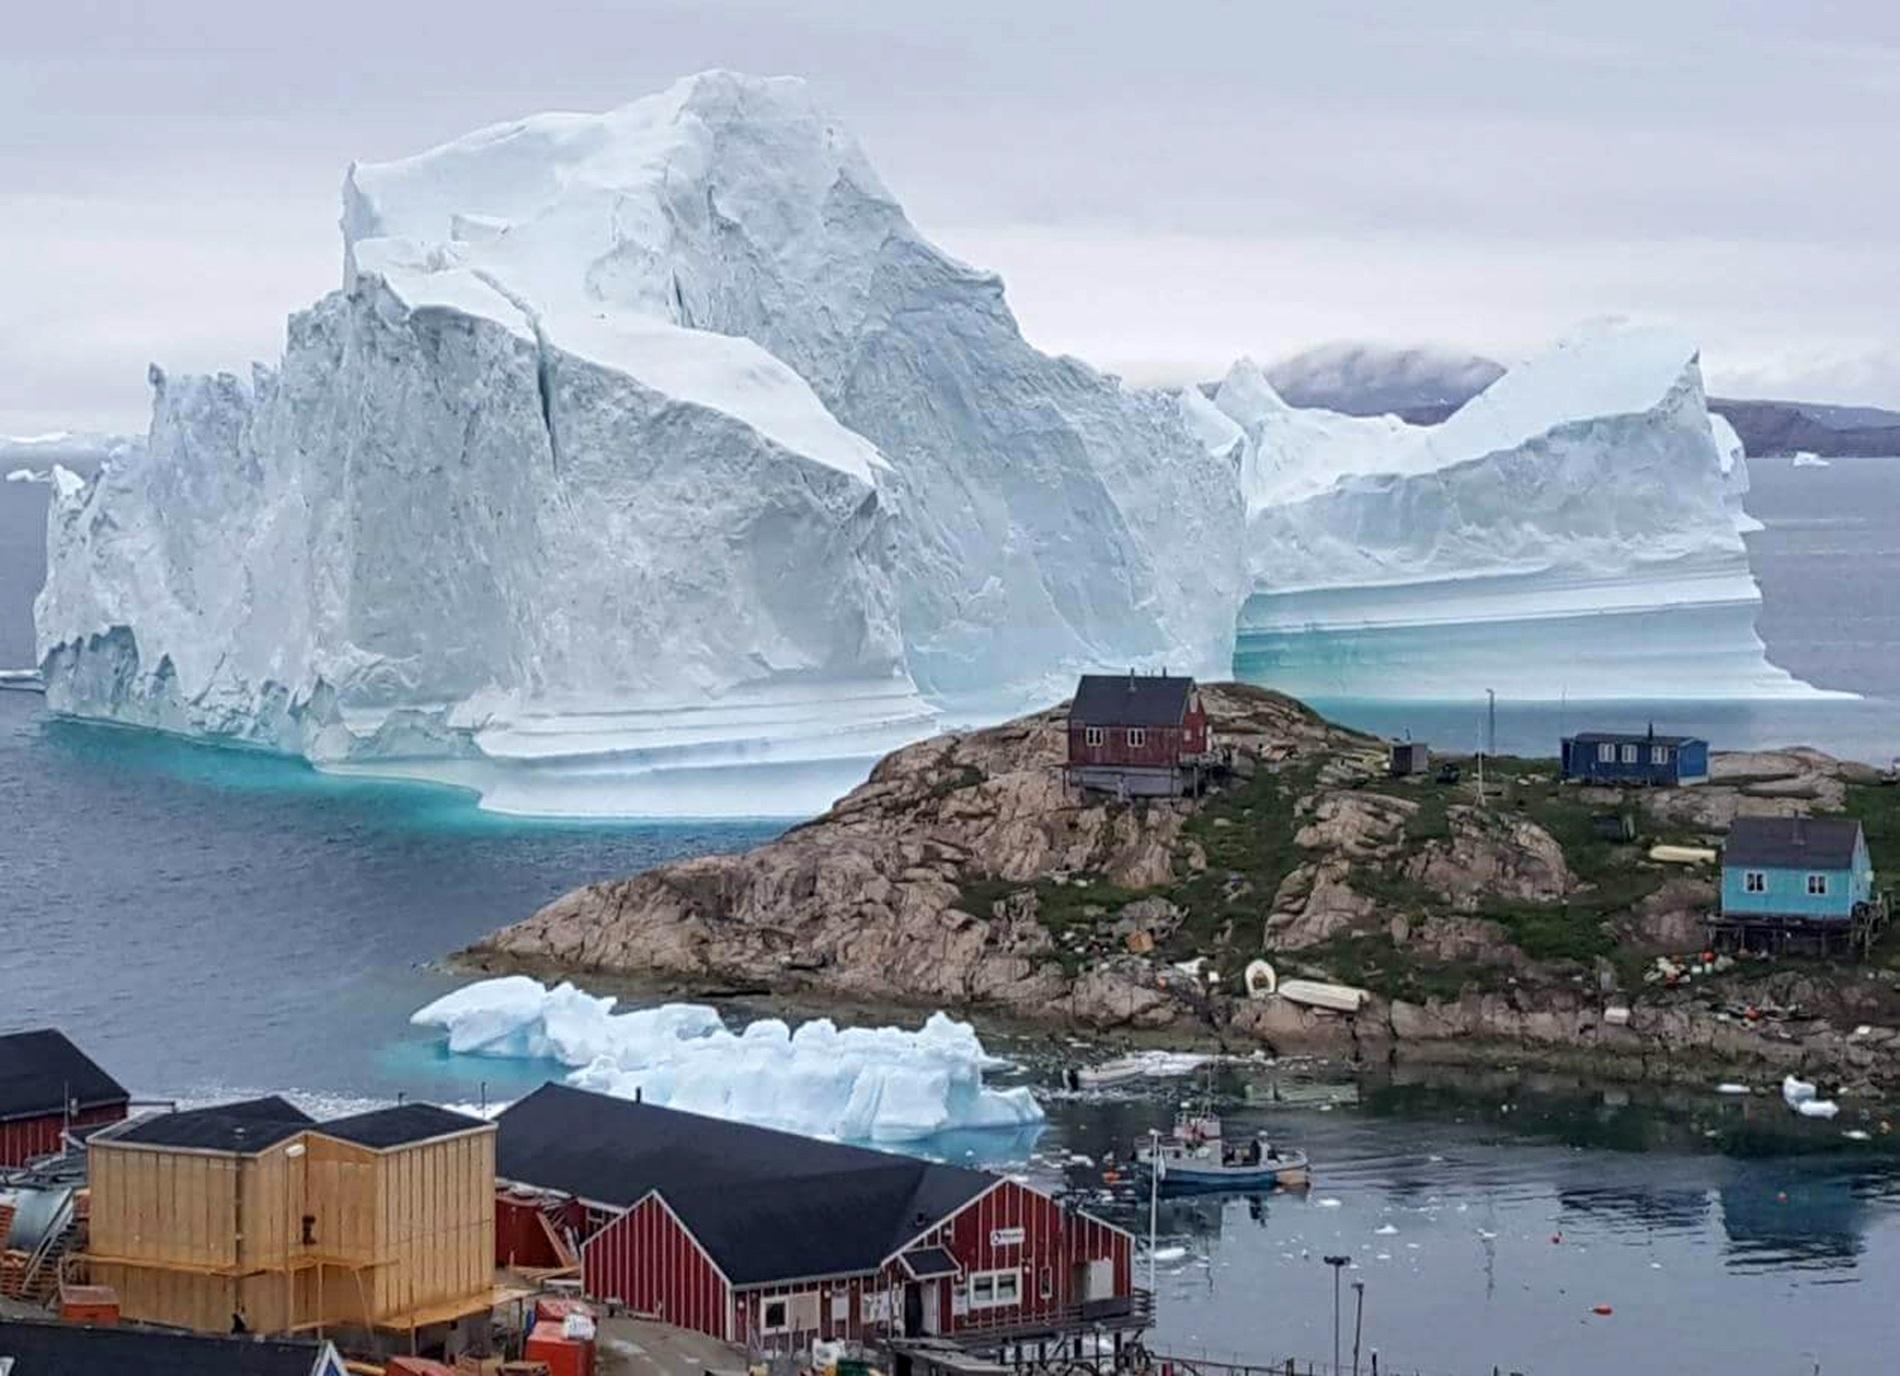 Айсберг притесни малкото селце Иннаарсуит, в Северозападна Гренландия, 12 юли 2018 г. Заради огромният леден къс с размери около 6 километра над 100 метра височина част от селото бе евакуирано.